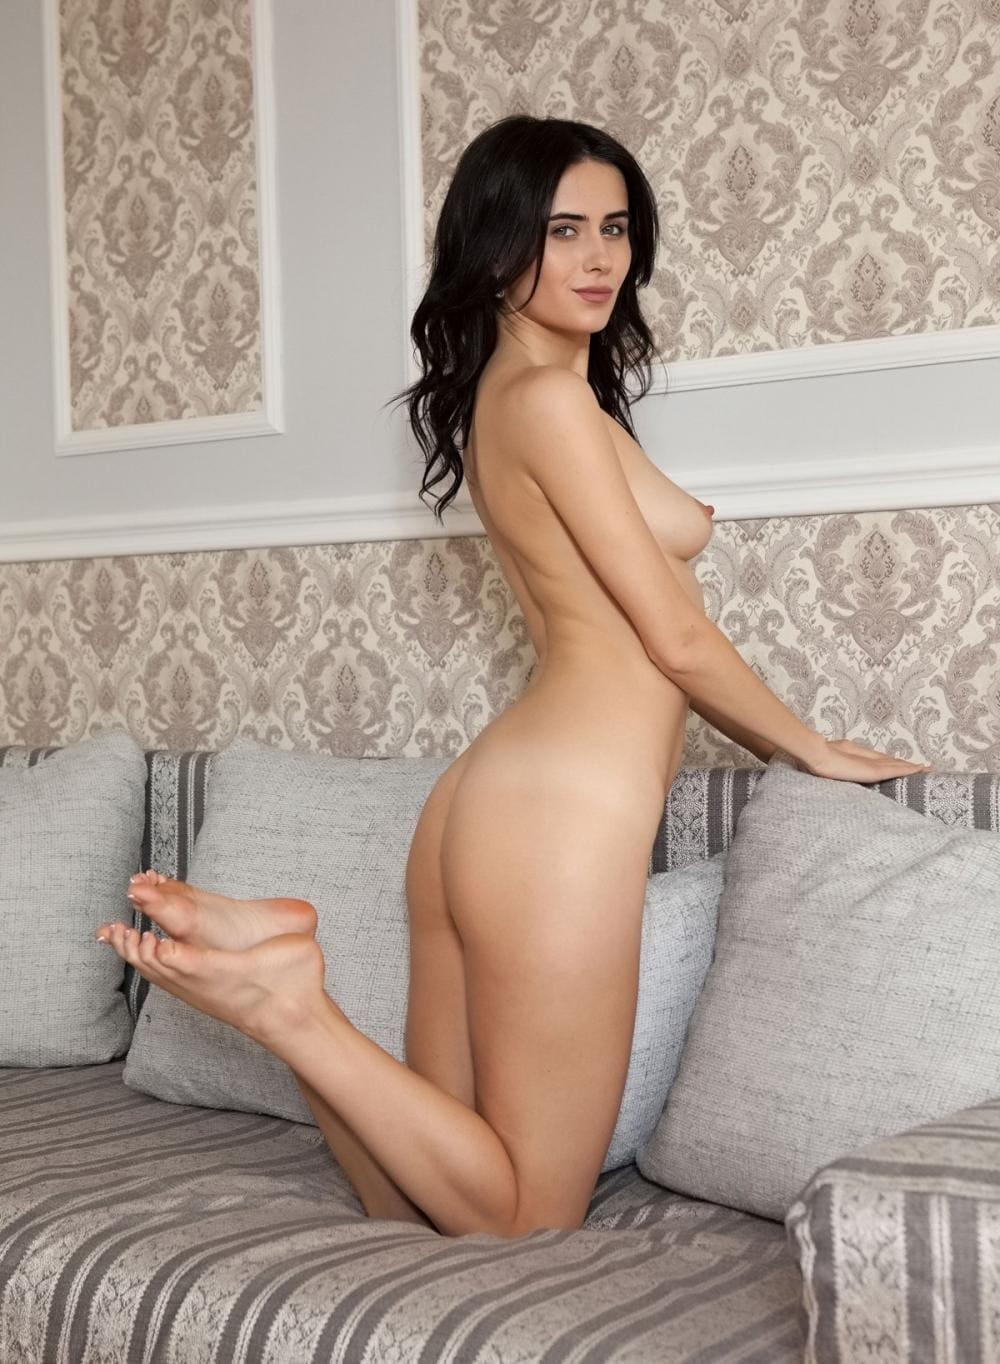 Красивые голые брюнетки стоит возле спинки дивана на коленях и немного подняла стопы, маленькая грудь, симпатичное лицо, улыбается